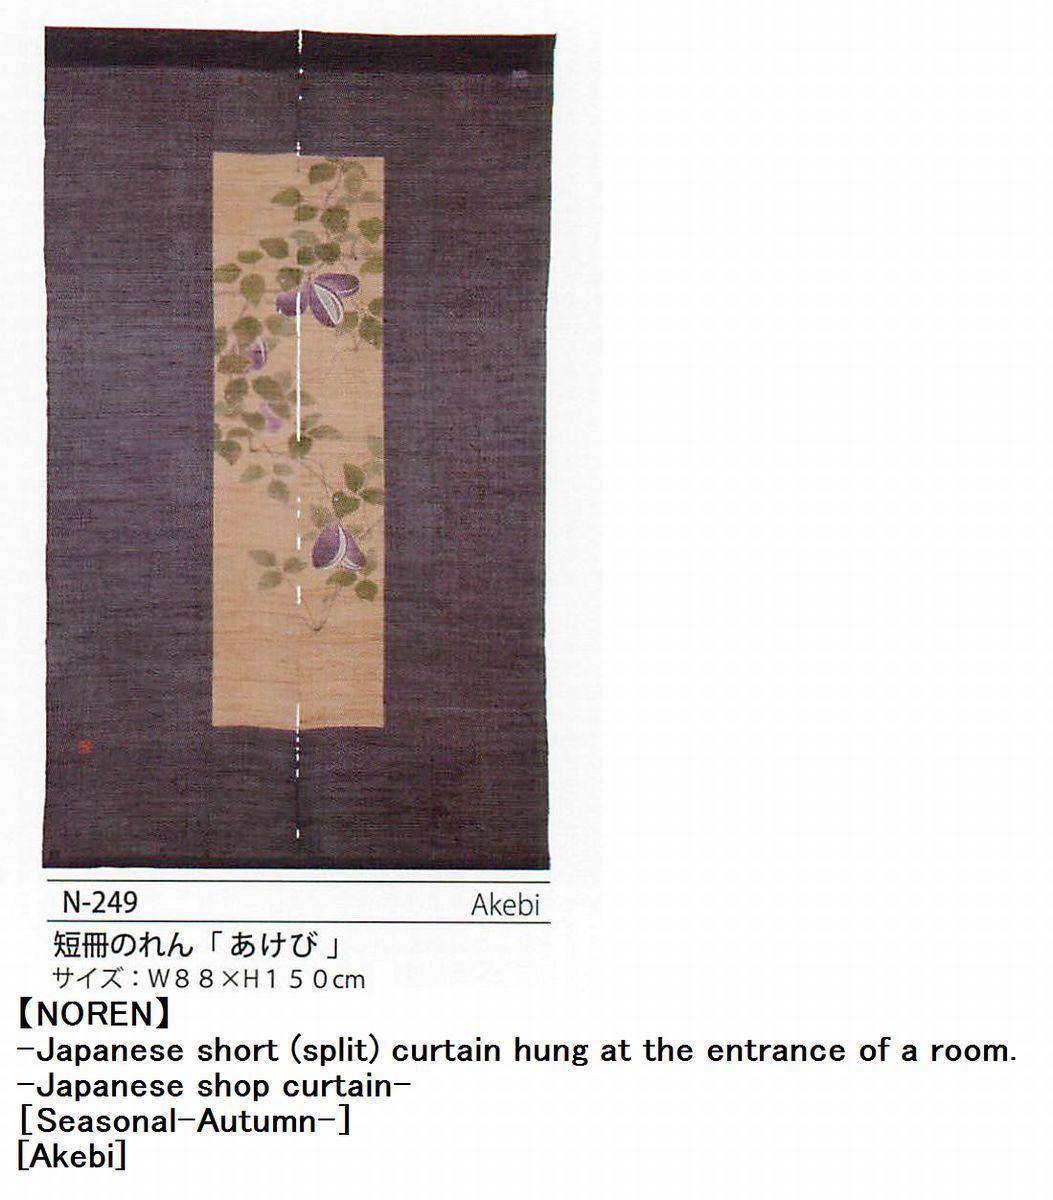 和雑貨 暖簾 のれん インテリア【あけび】【NOREN】-Japanese short (split) curtain hung at the entrance of a room.-Japanese shop curtain-[Seasonal-Autumn-][Akebi] Tapestry